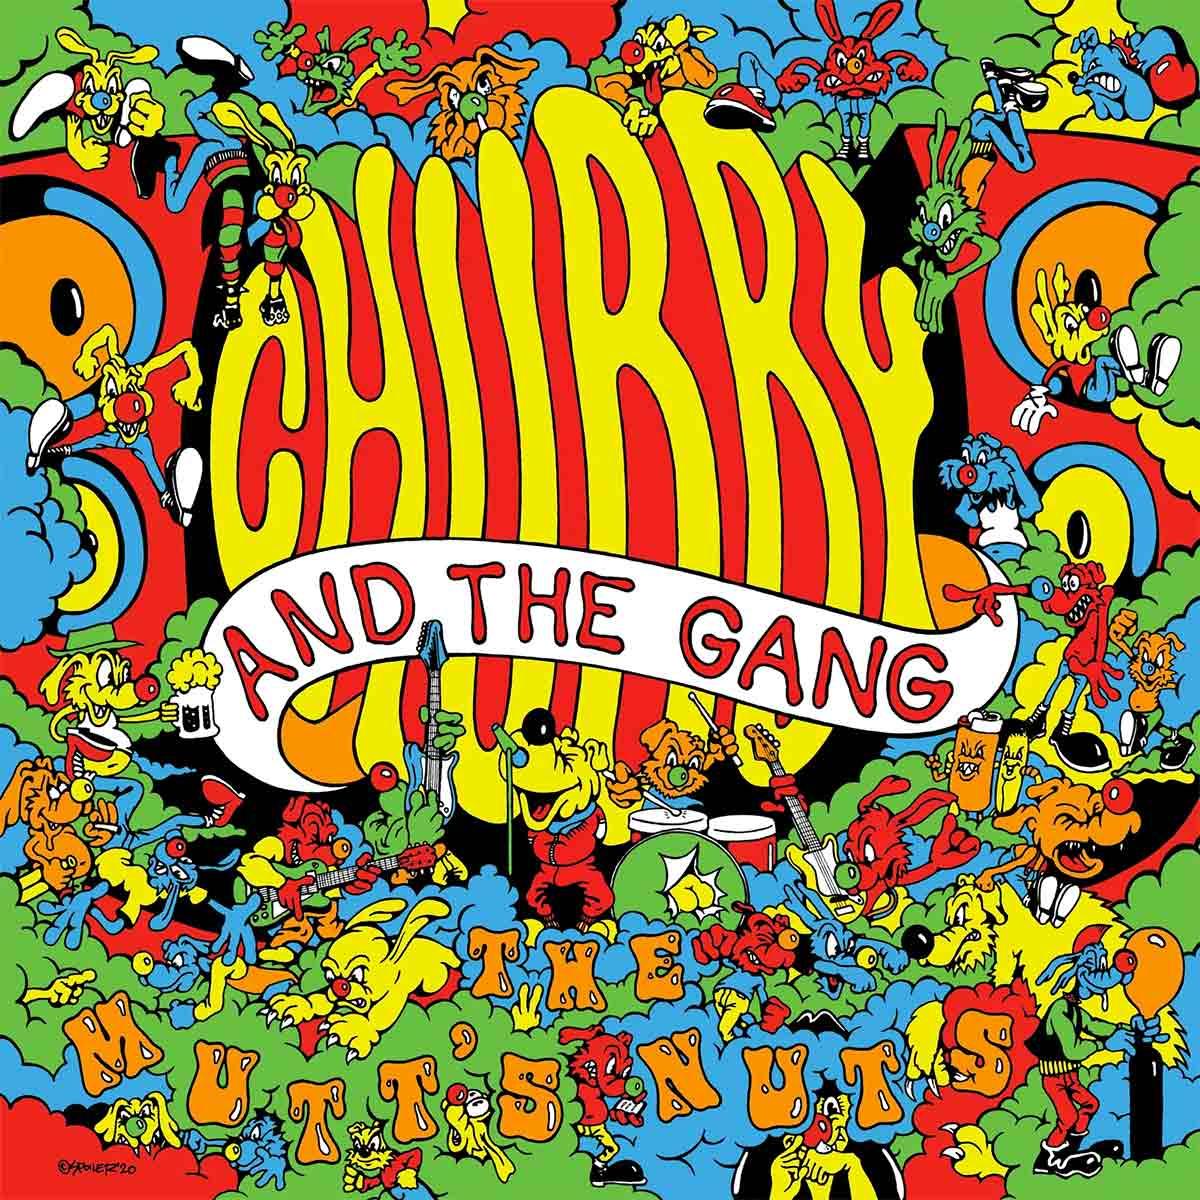 Tapa de The Mutt's Nuts, disco de Chubby and the Gang